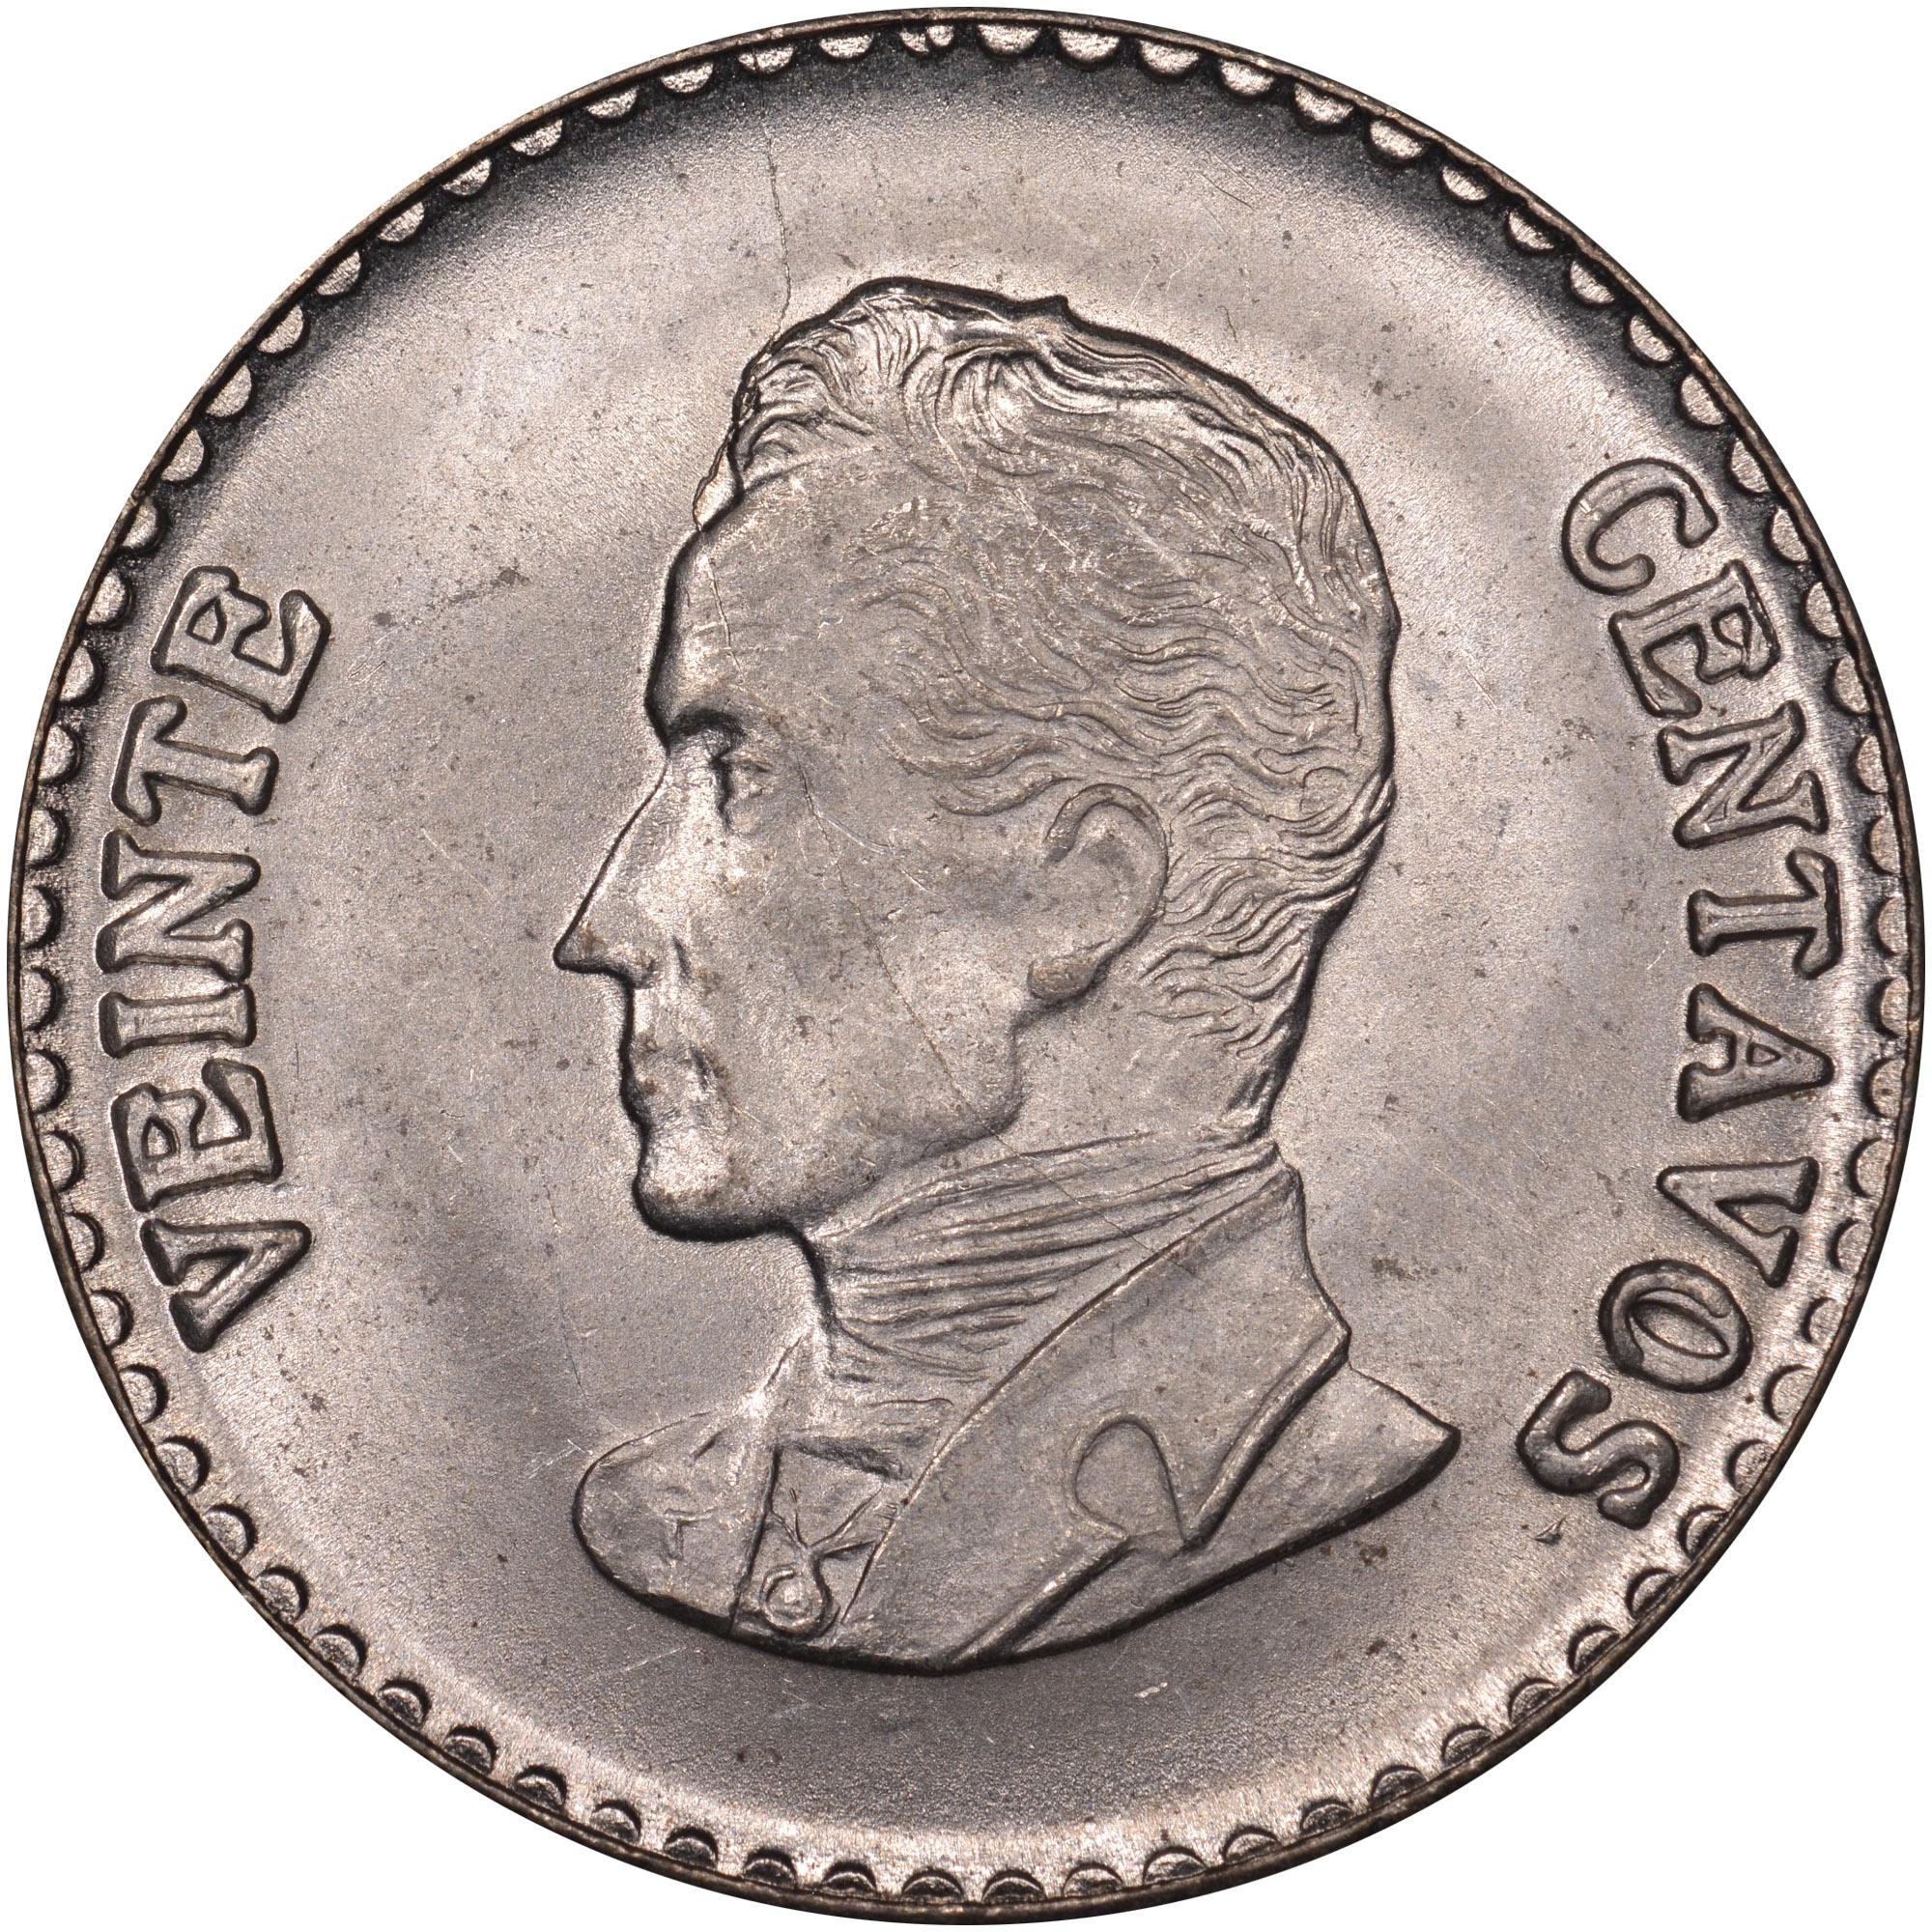 1952-1953 Colombia 20 Centavos reverse